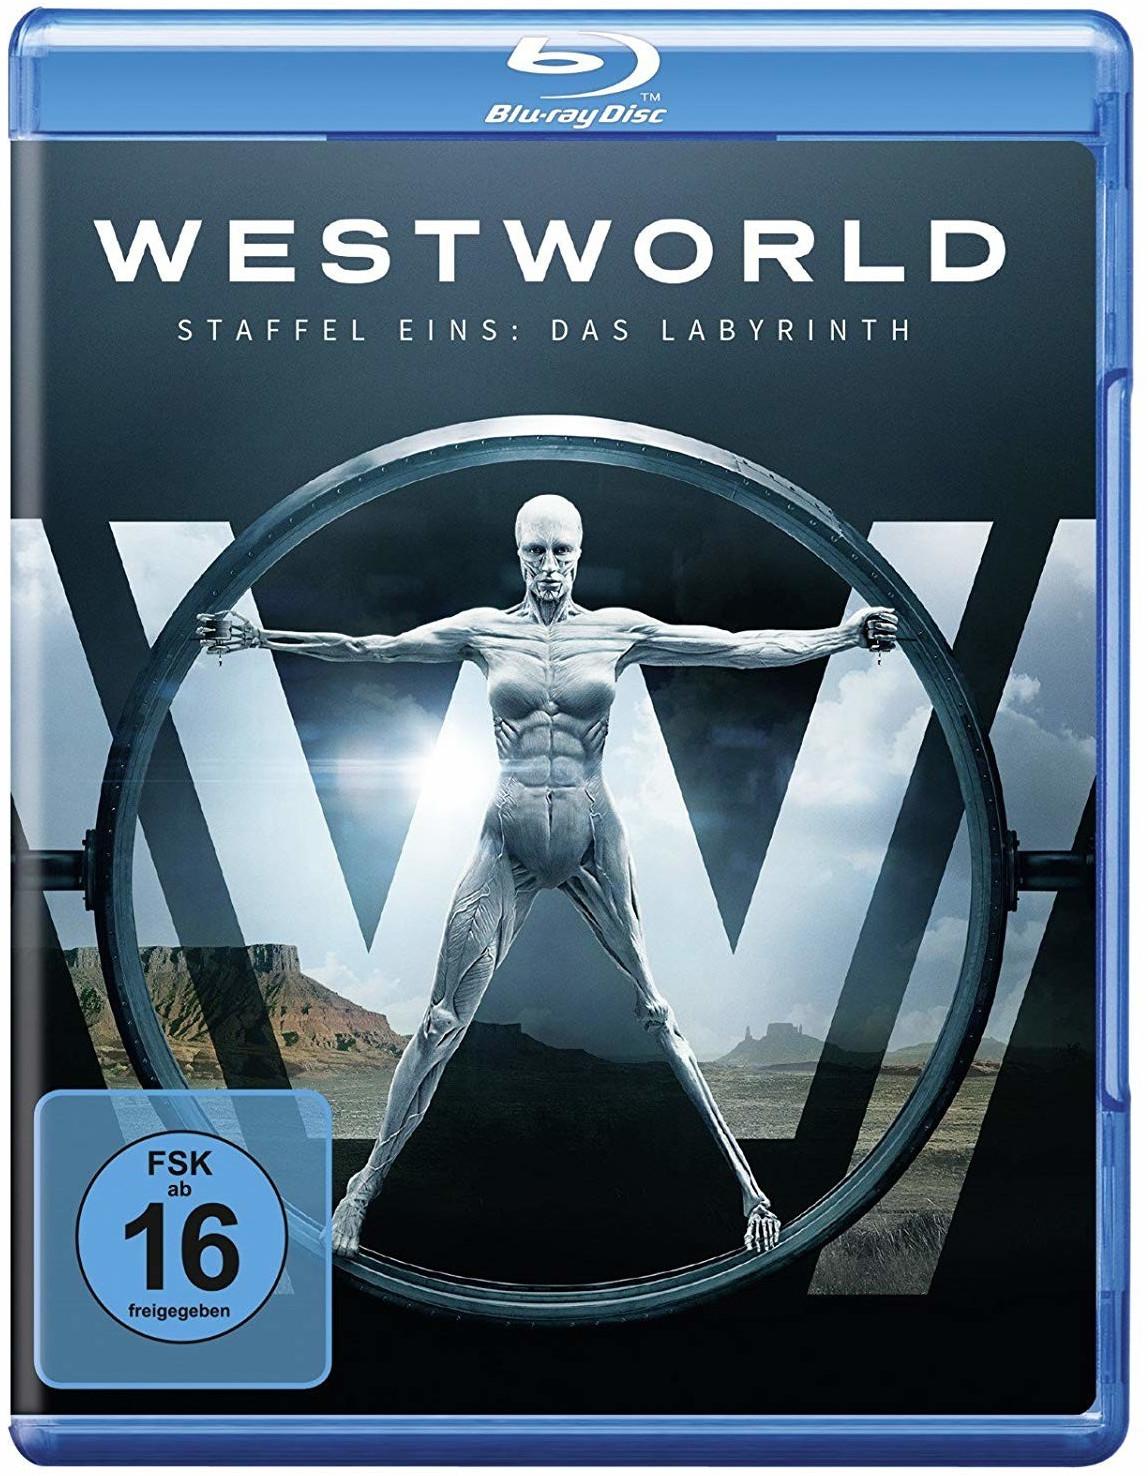 Westworld - Staffel 1: Das Labyrinth [Blu-ray]